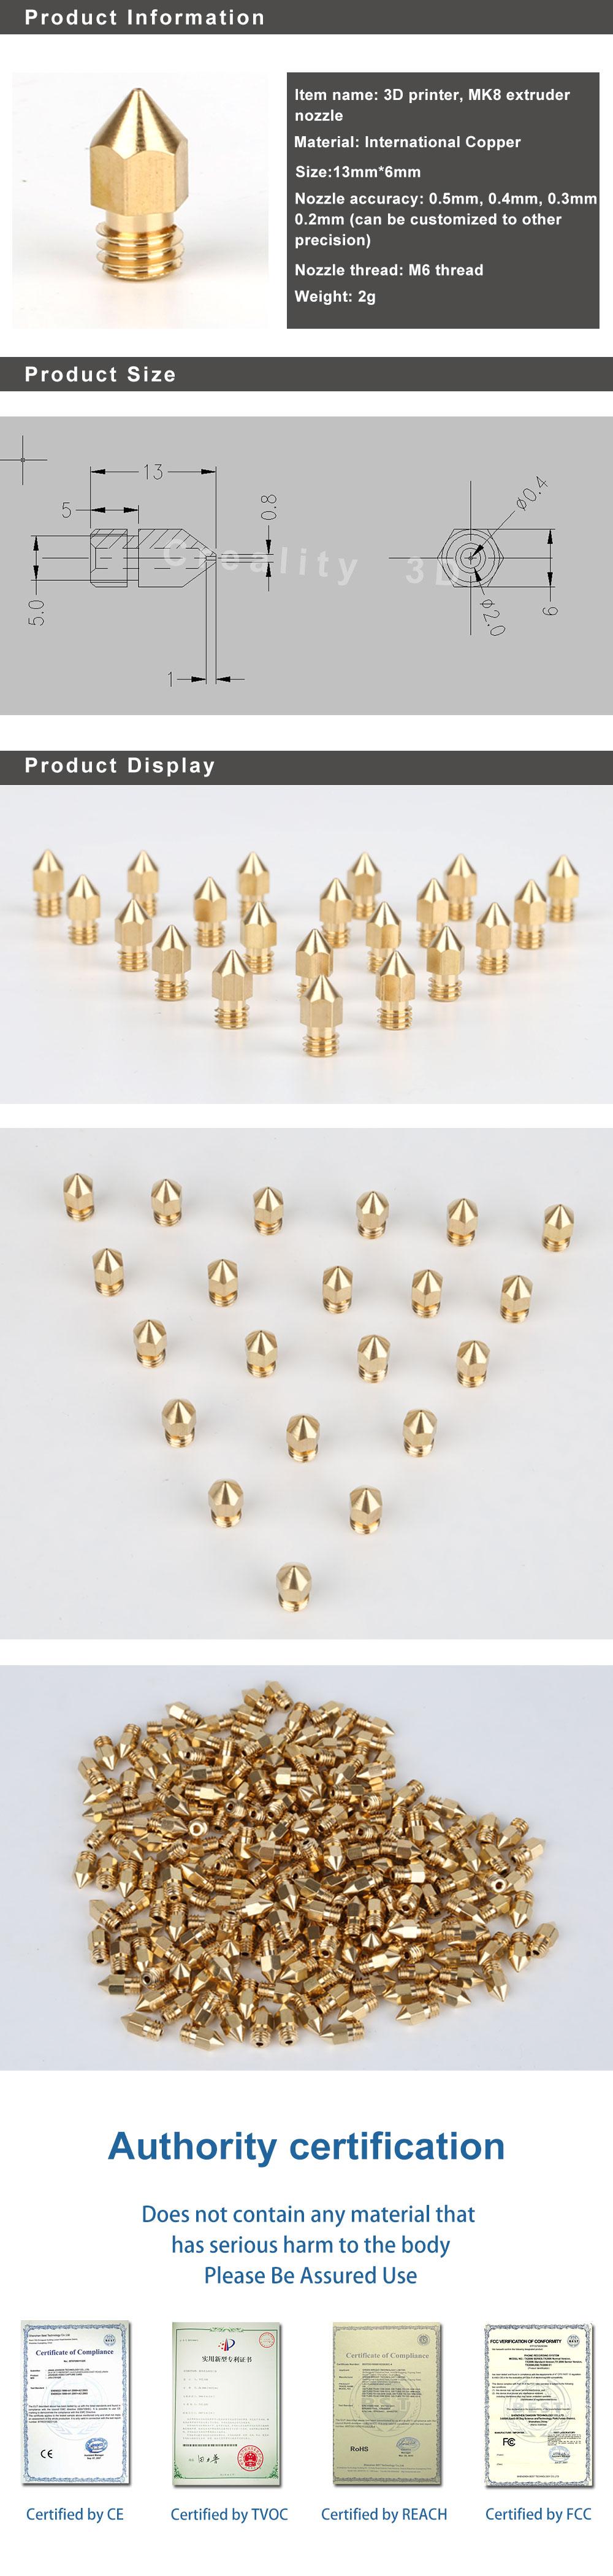 IsMyStore: 10pcs 3d printer nozzle 0.2/0.3/0.4/0.5/0.8/0.56mm/1.2MM option Extruder Print Head 3D Nozzle 3D Printer part For 1.75MM